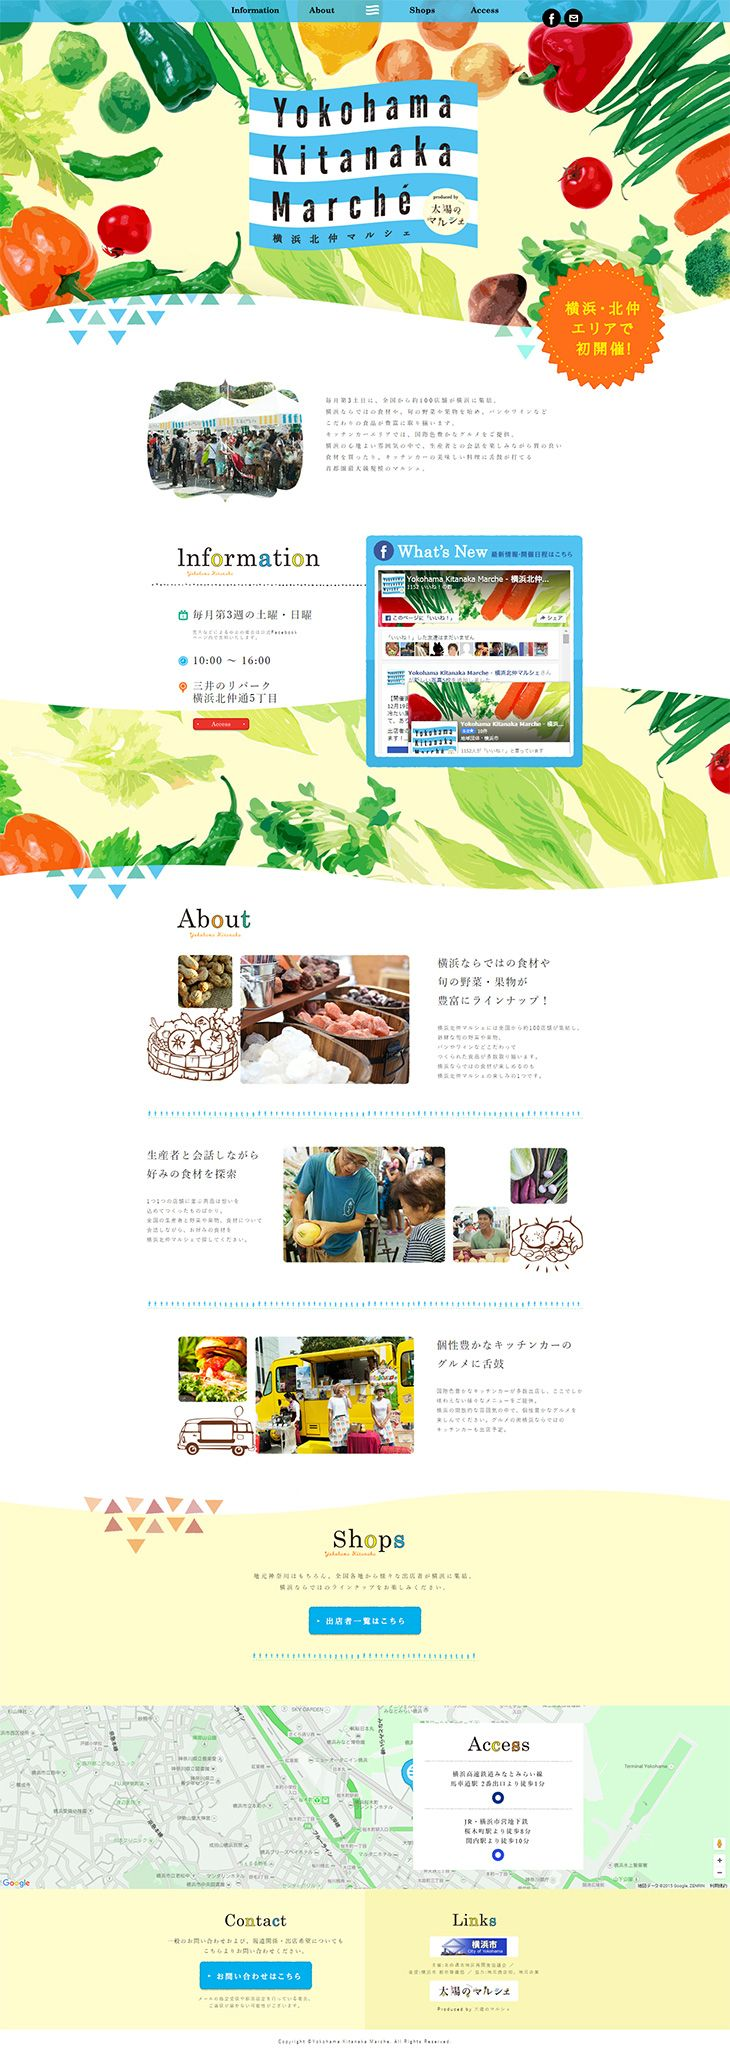 ランディングページ LP 横浜北仲マルシェ 食品 自社サイト